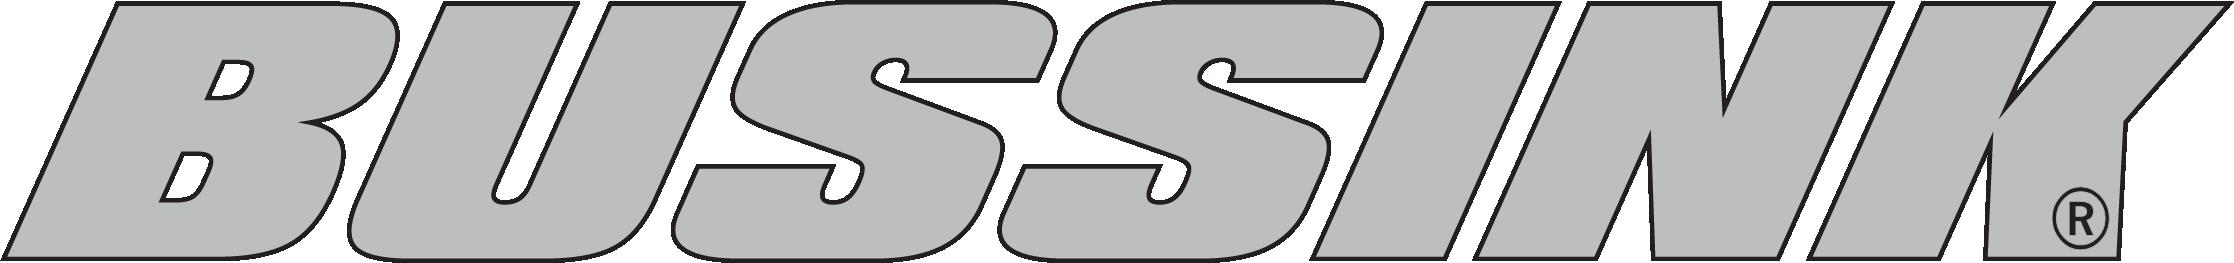 Bussink_Logo_registered.png